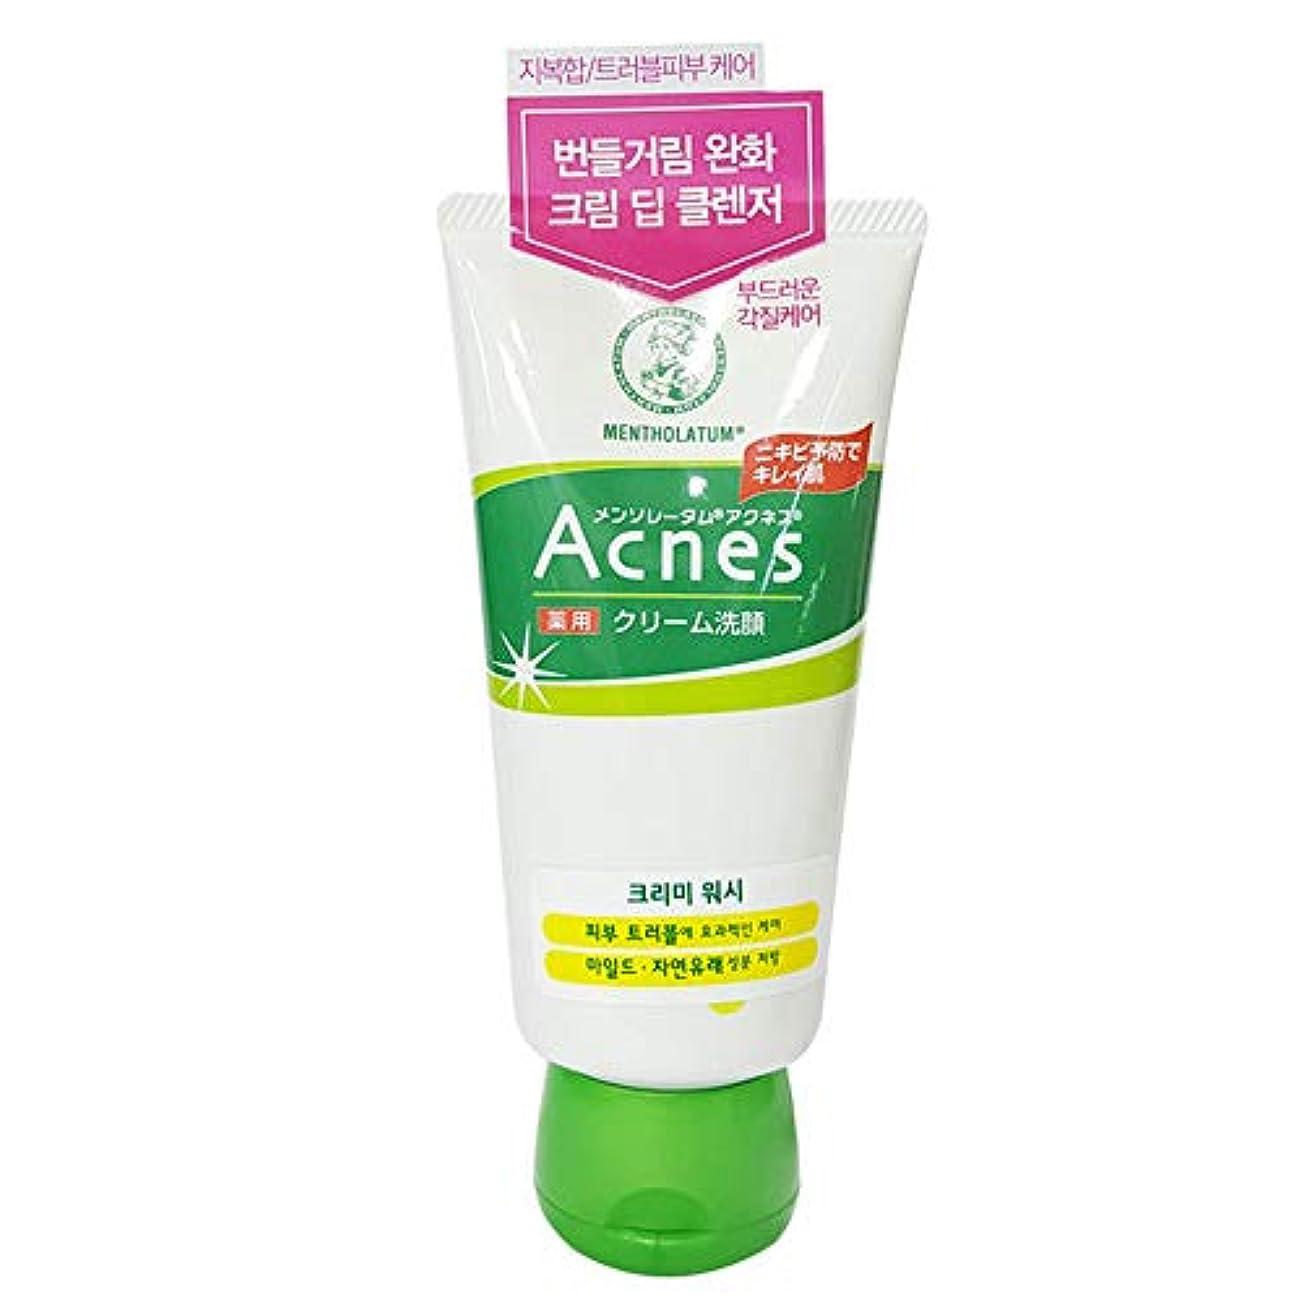 印象的なアコーバクテリア[Acnes] アクネス クリーミー ウォッシュ Creamy Wash メイク落とし - Acne Break Face Cleanser, Balance Oil Control Foaming Cleansing...